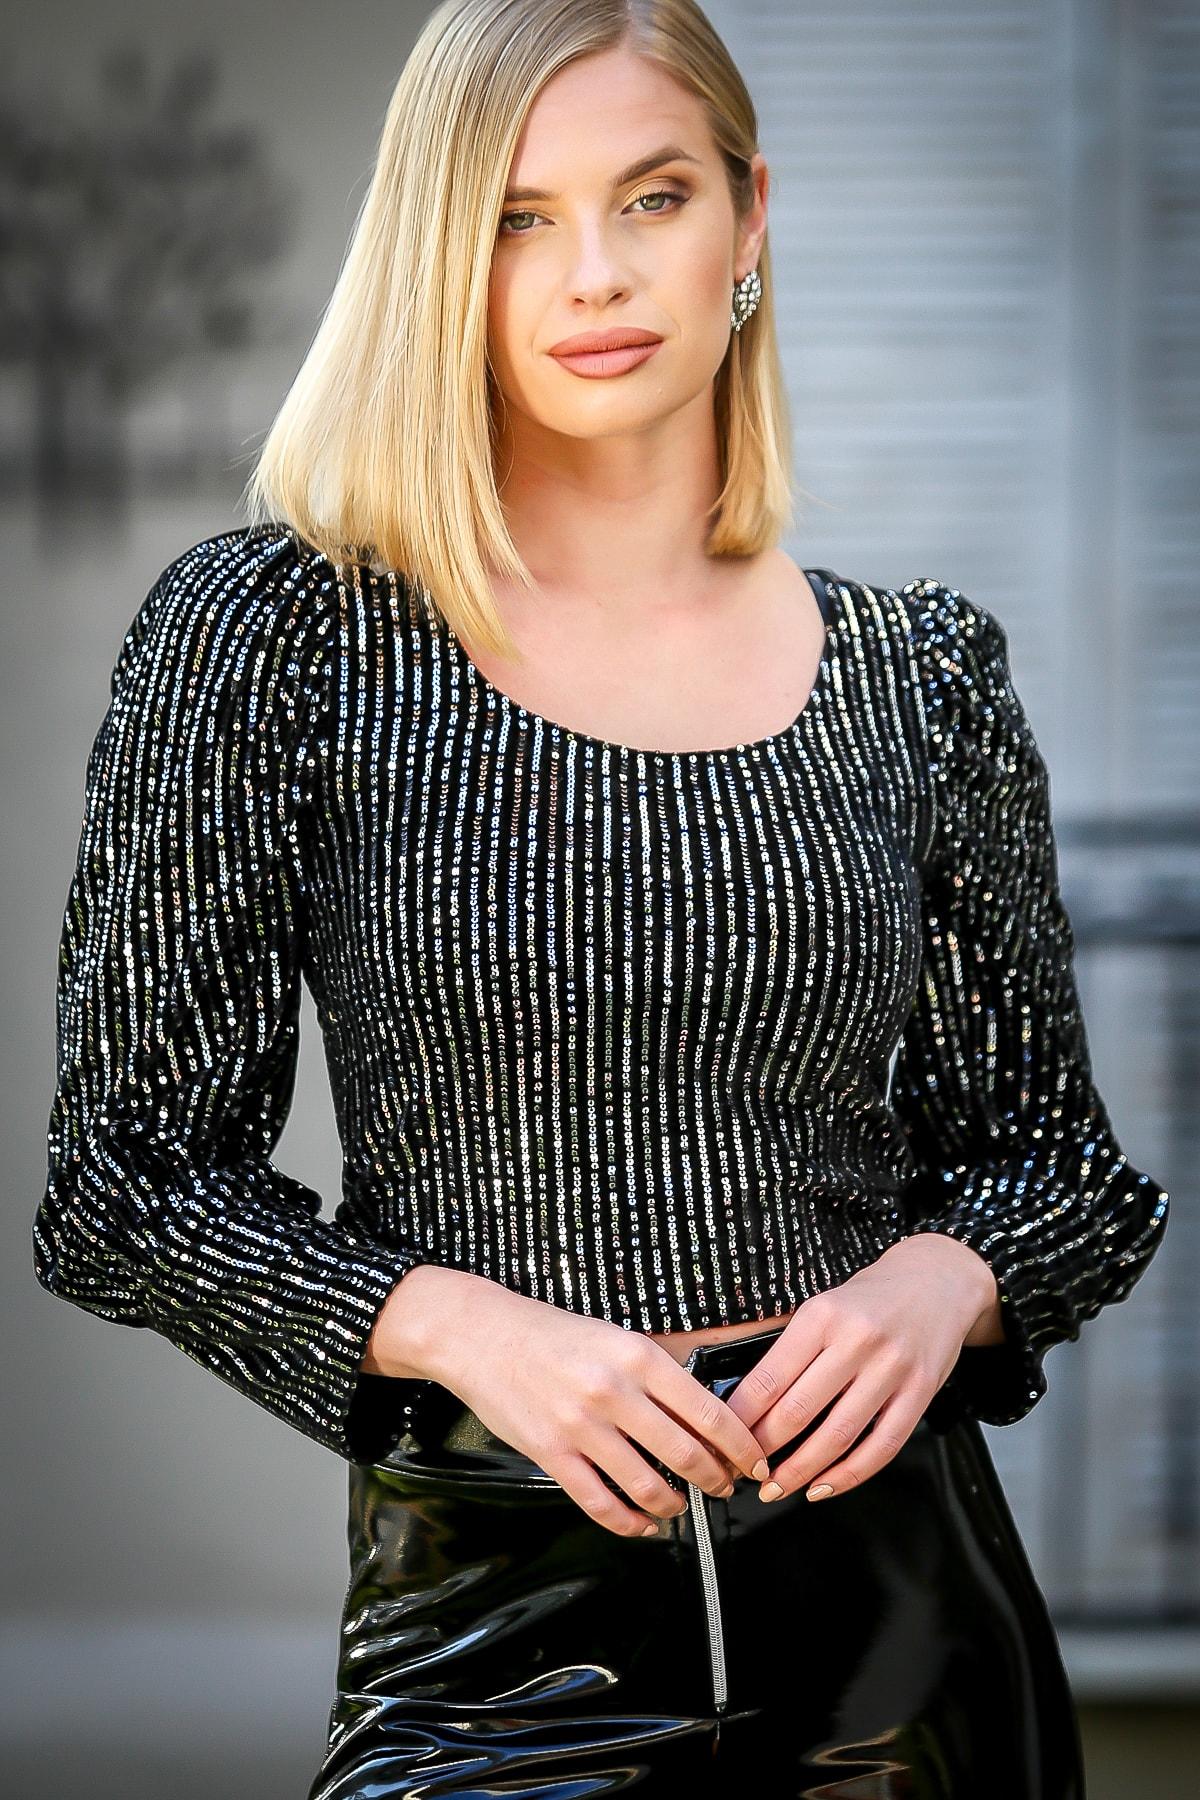 Chiccy Kadın Gümüş Pul Payetli U Yaka Kabarık Kol Bluz M10010200BL96828